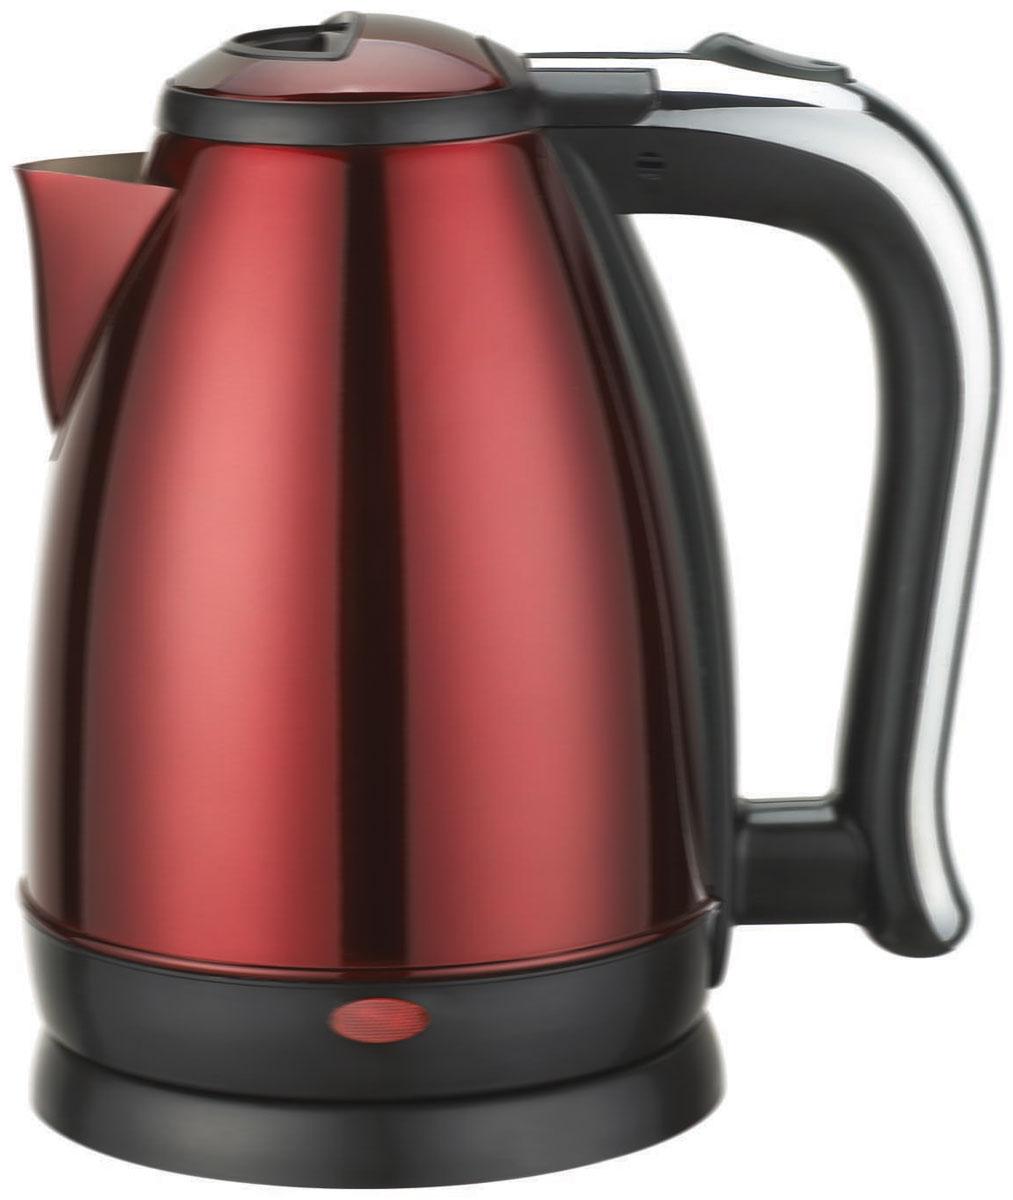 Irit IR-1325 электрический чайник чайник irit ir 1314 1500 вт зелёный 1 8 л нержавеющая сталь